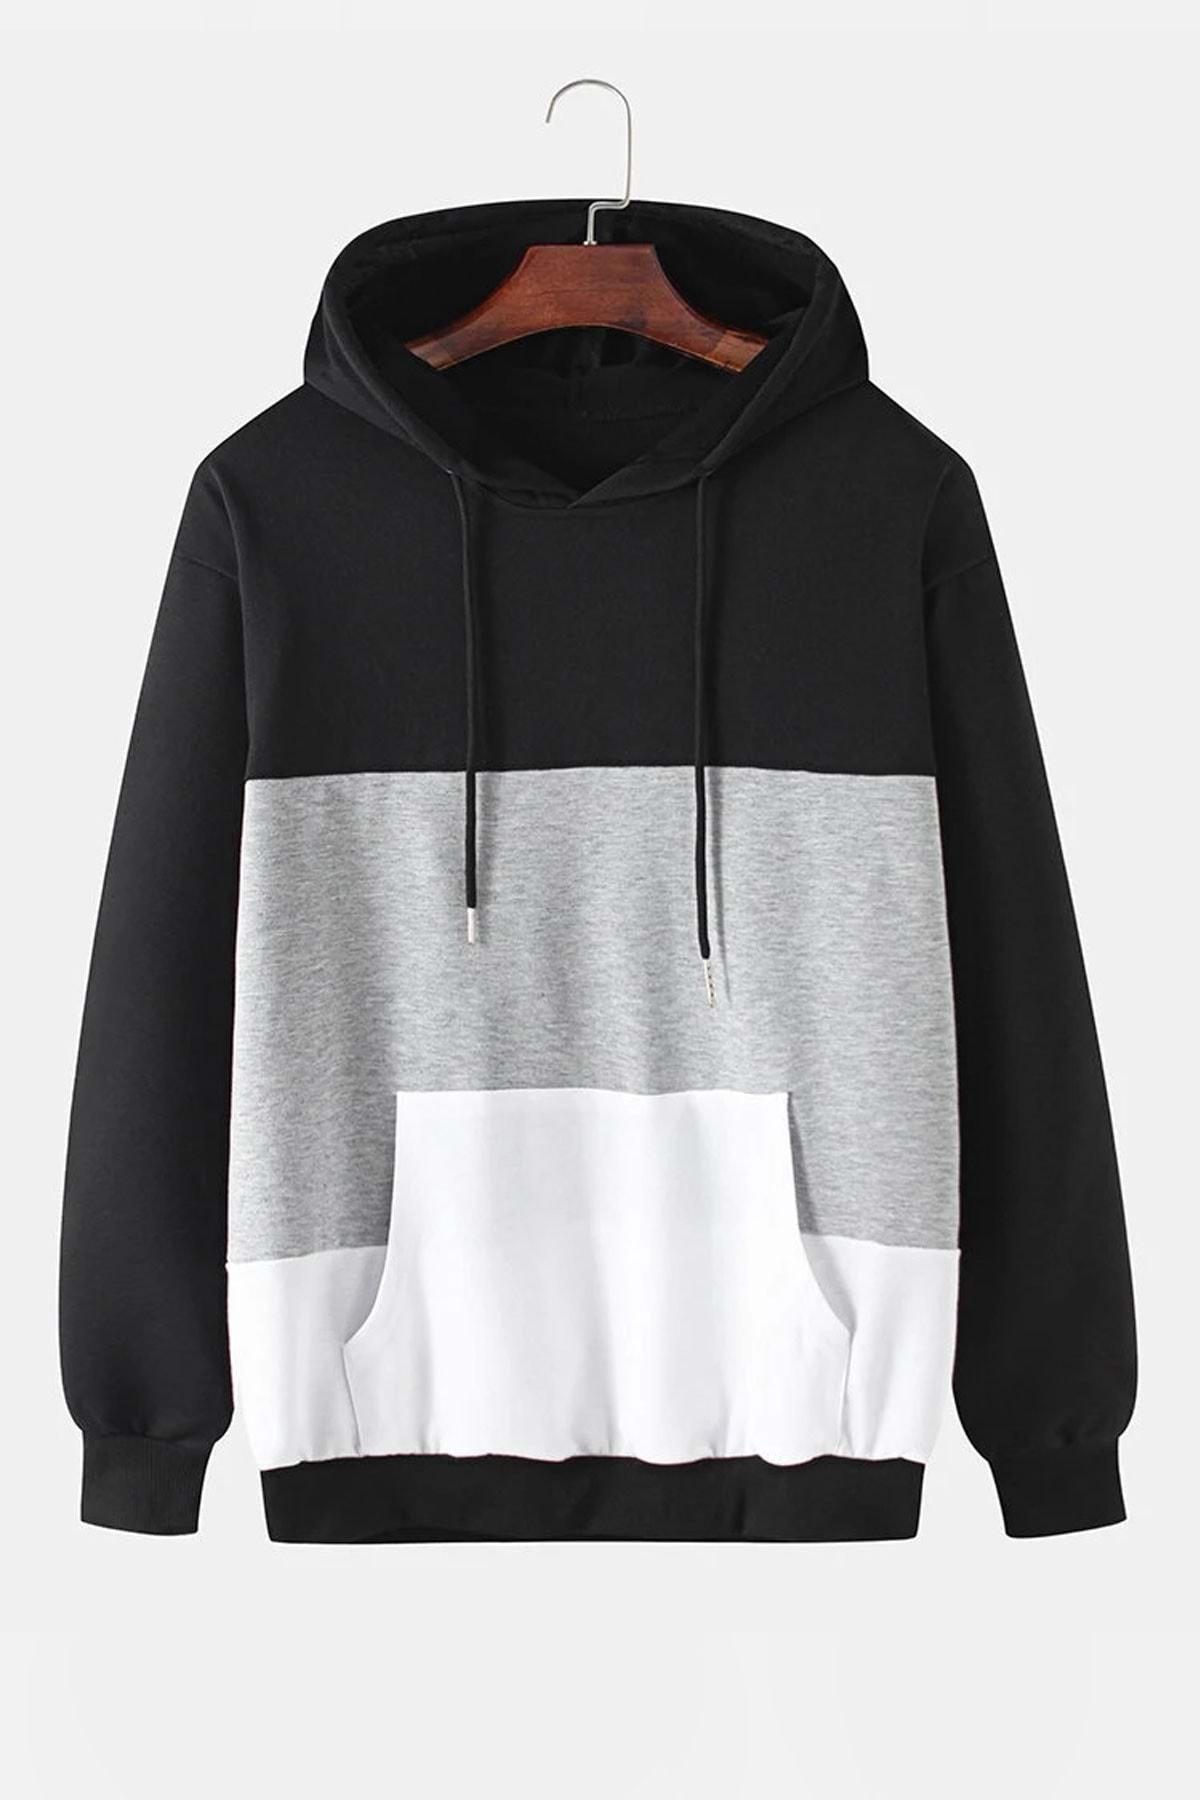 dAcollection Erkek Parçalı Kapşonlu Sweatshirt - - Siyah - L 2